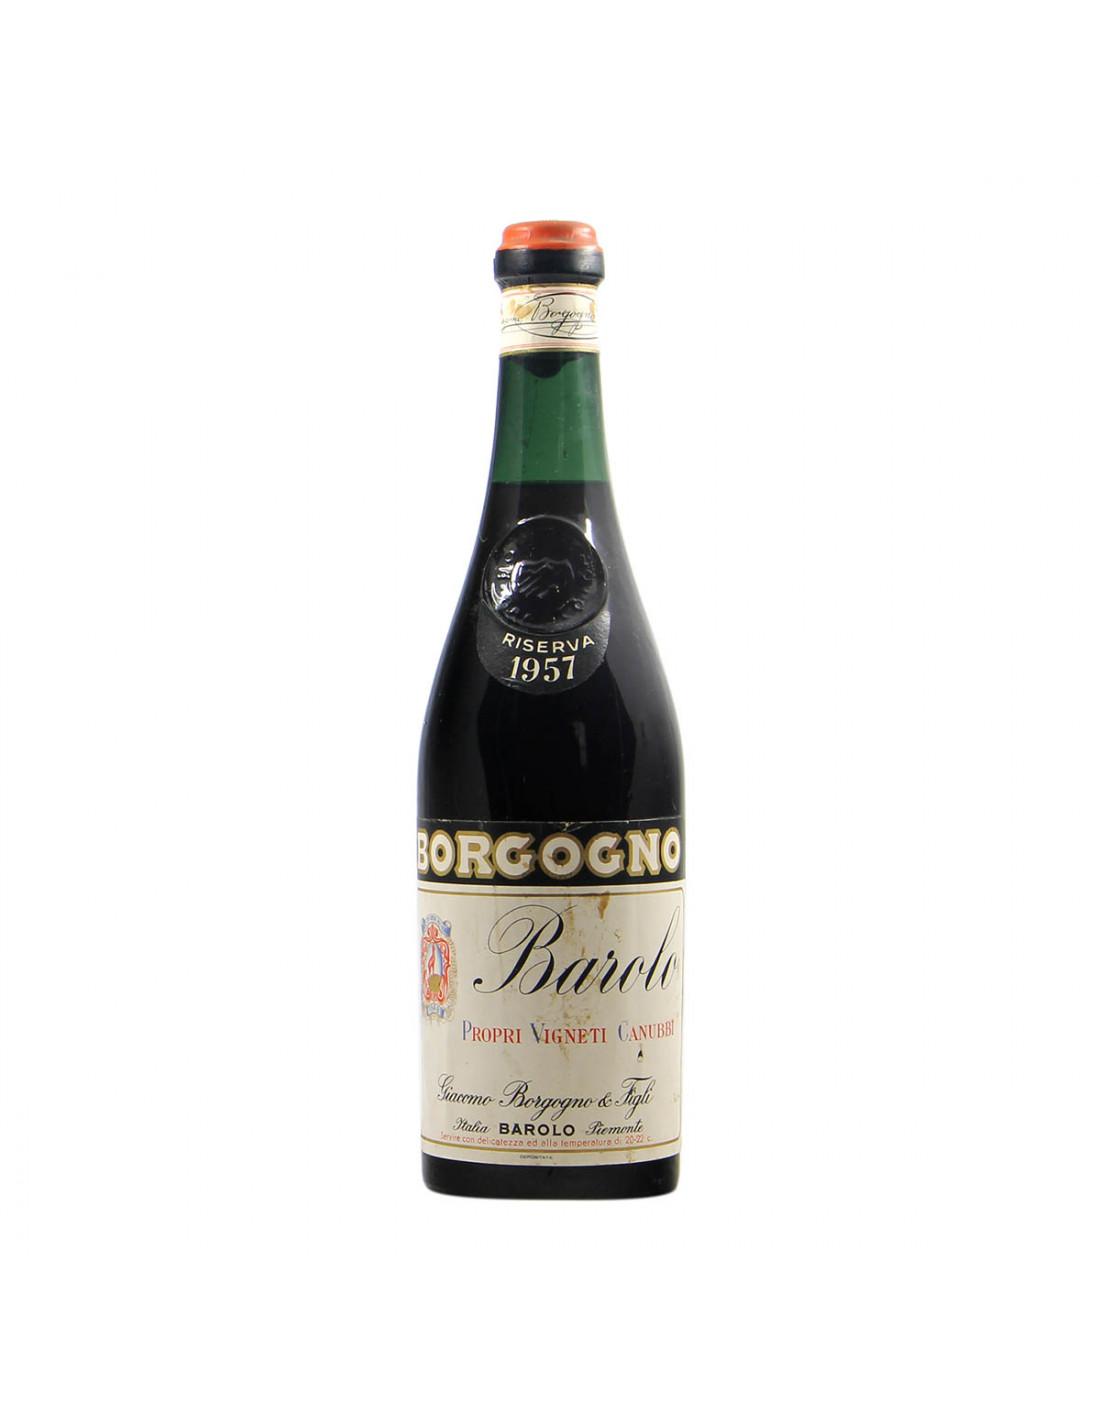 Borgogno Barolo Riserva 1957 Grandi Bottiglie